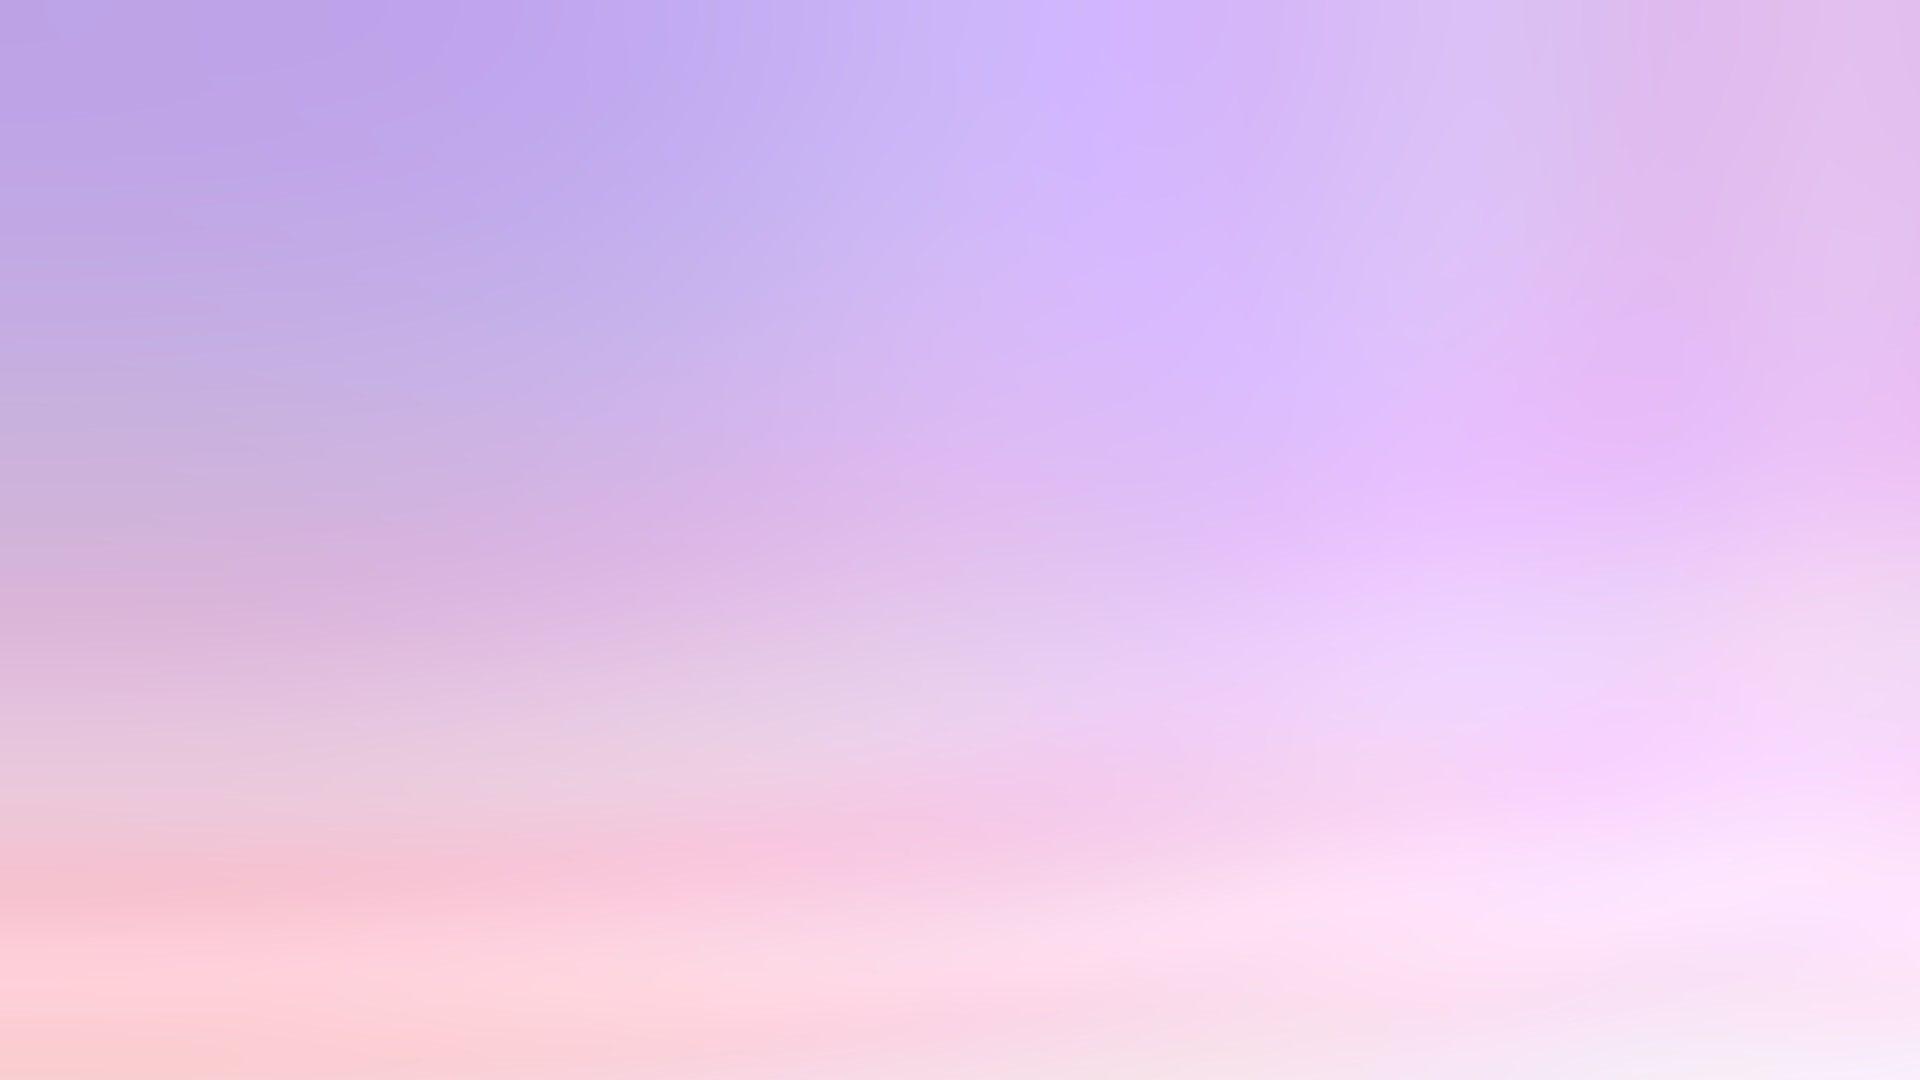 … light purple wallpaper 6877807; husky widescreen wallpaper desktop  background bhstorm com …